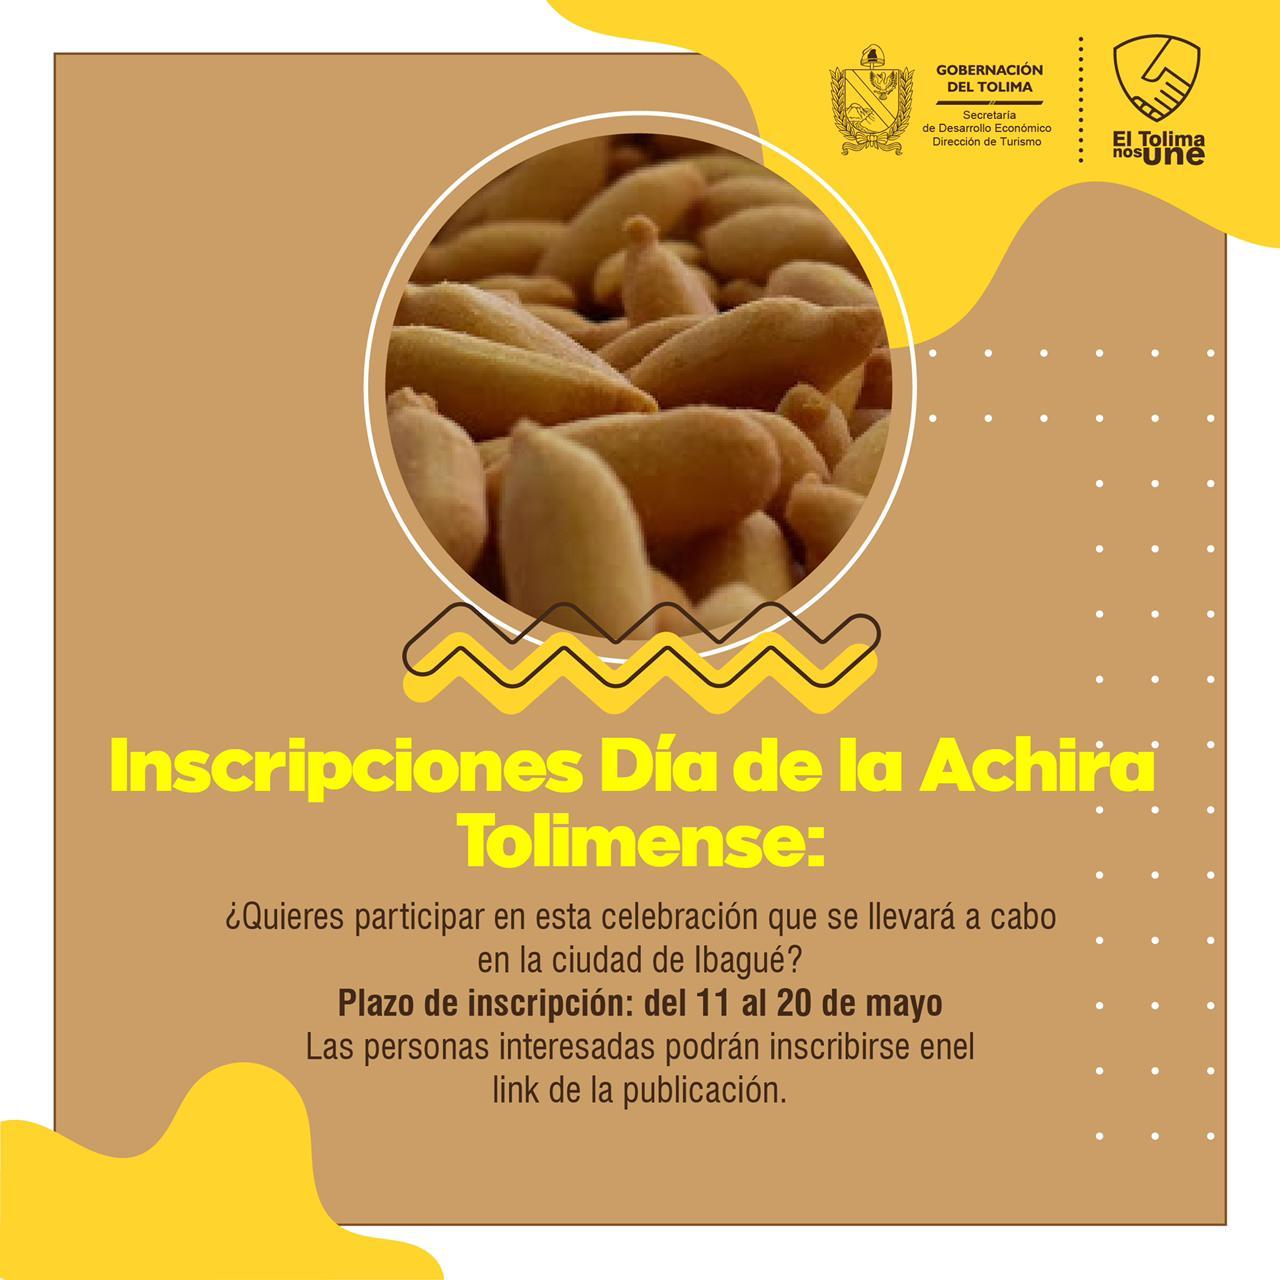 Abiertas las inscripciones para la celebración de los dias de la Lechona, Achira y Sombrero Tolimense